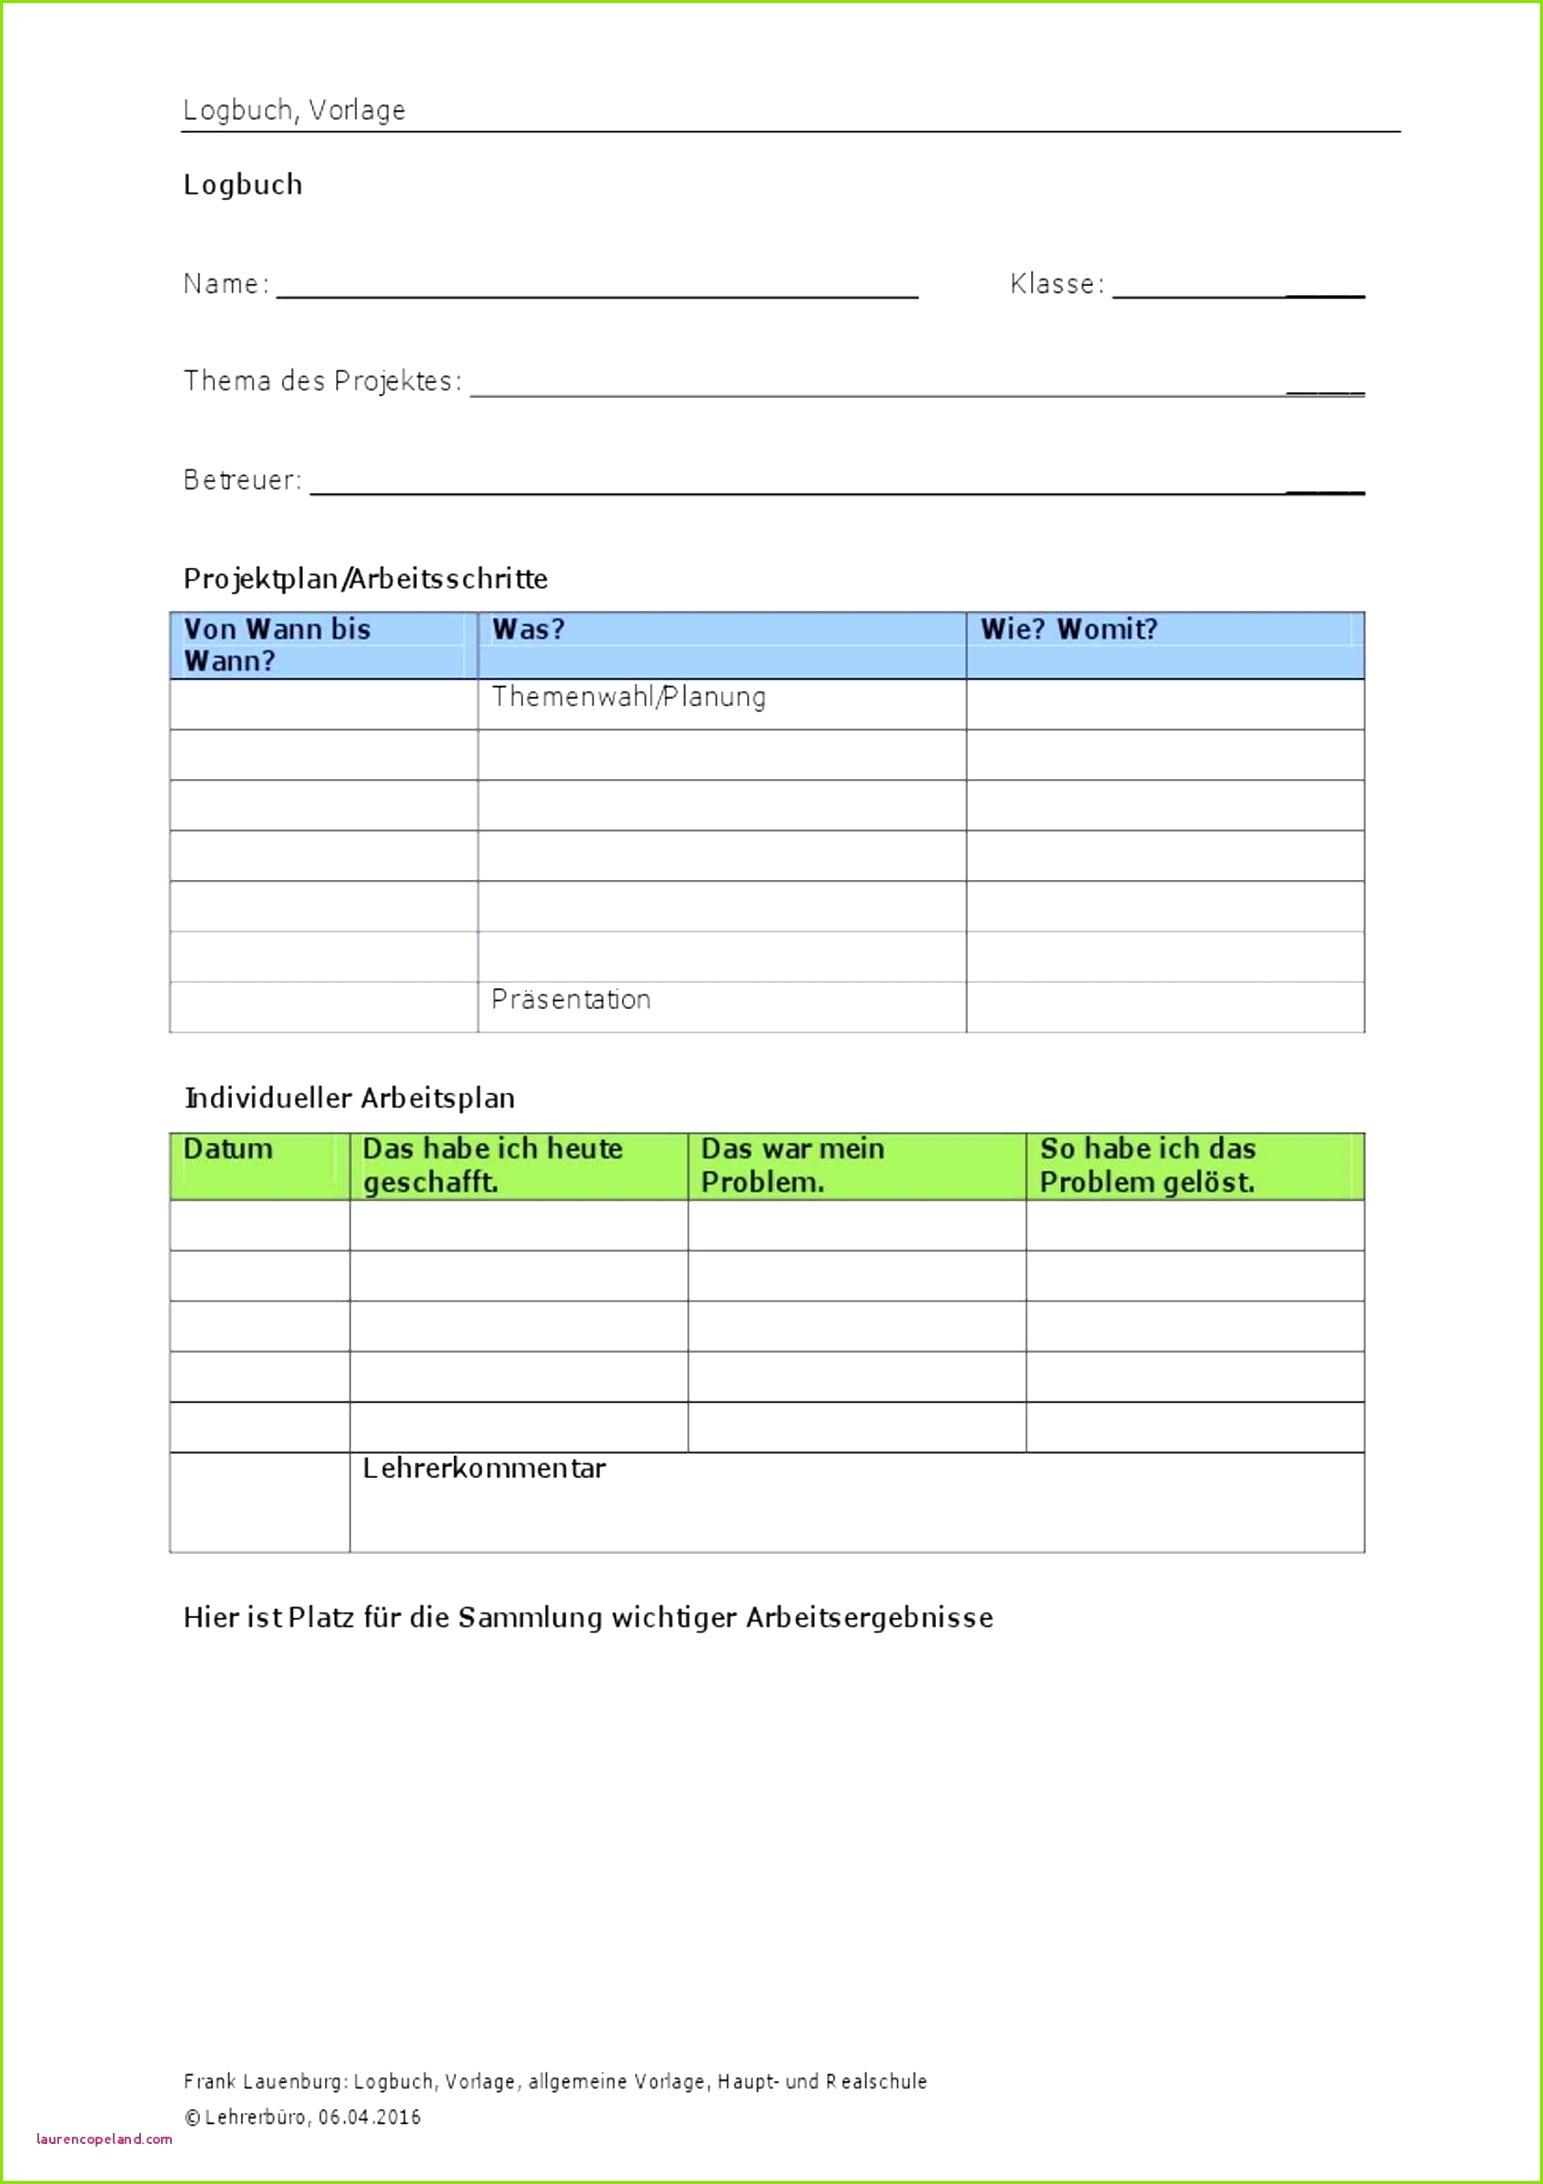 Dienstplan Vorlage Excel Kostenlos mit Different Arbeitsplan Vorlage Kostenlos Download 60 Dienstplan Excel Vorlage